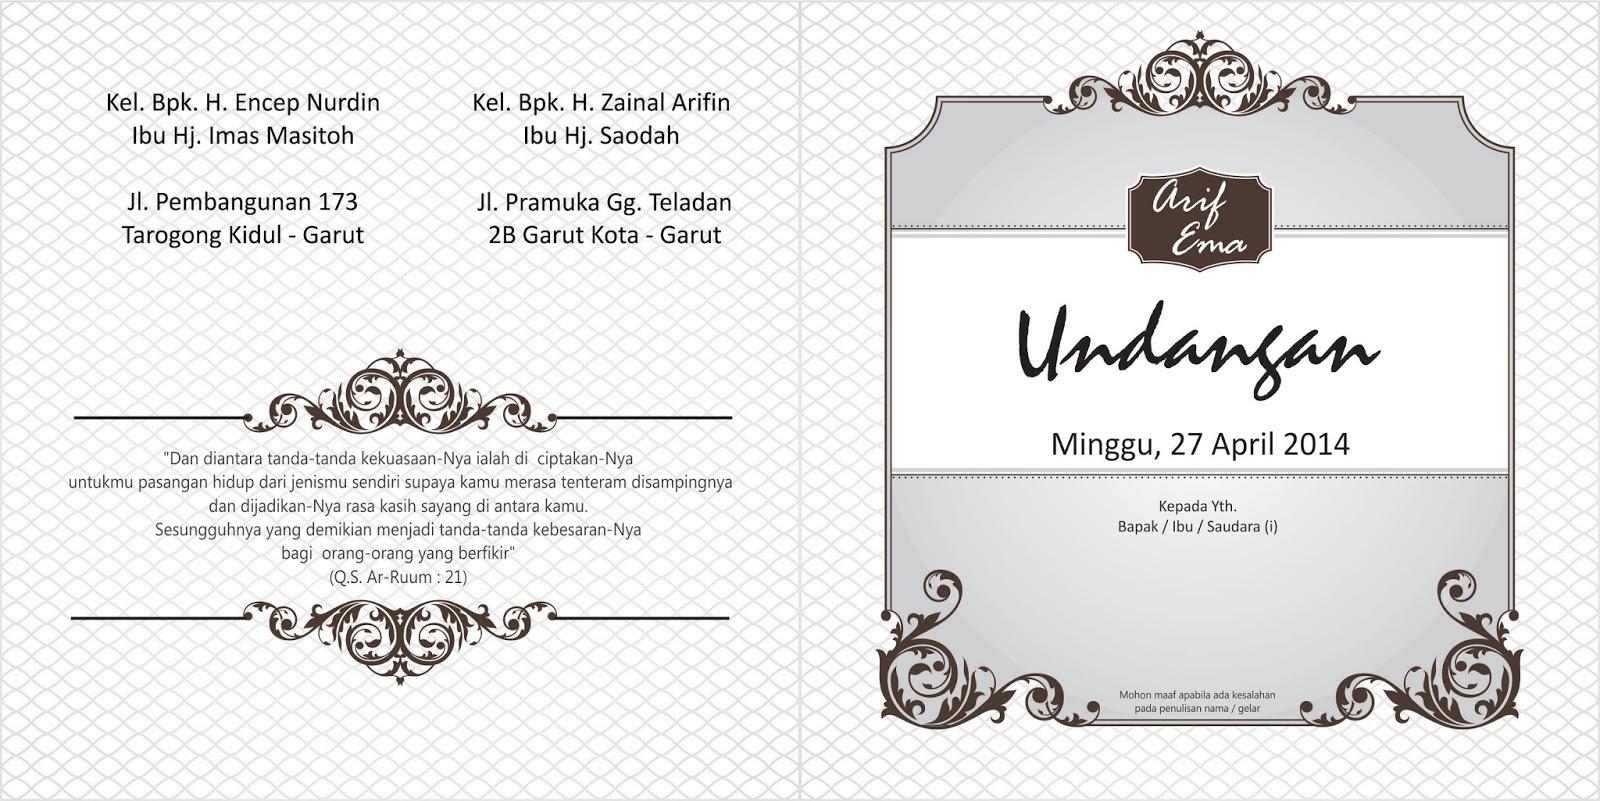 undangan pernikahan soft cover elegan - Desain Kampungan